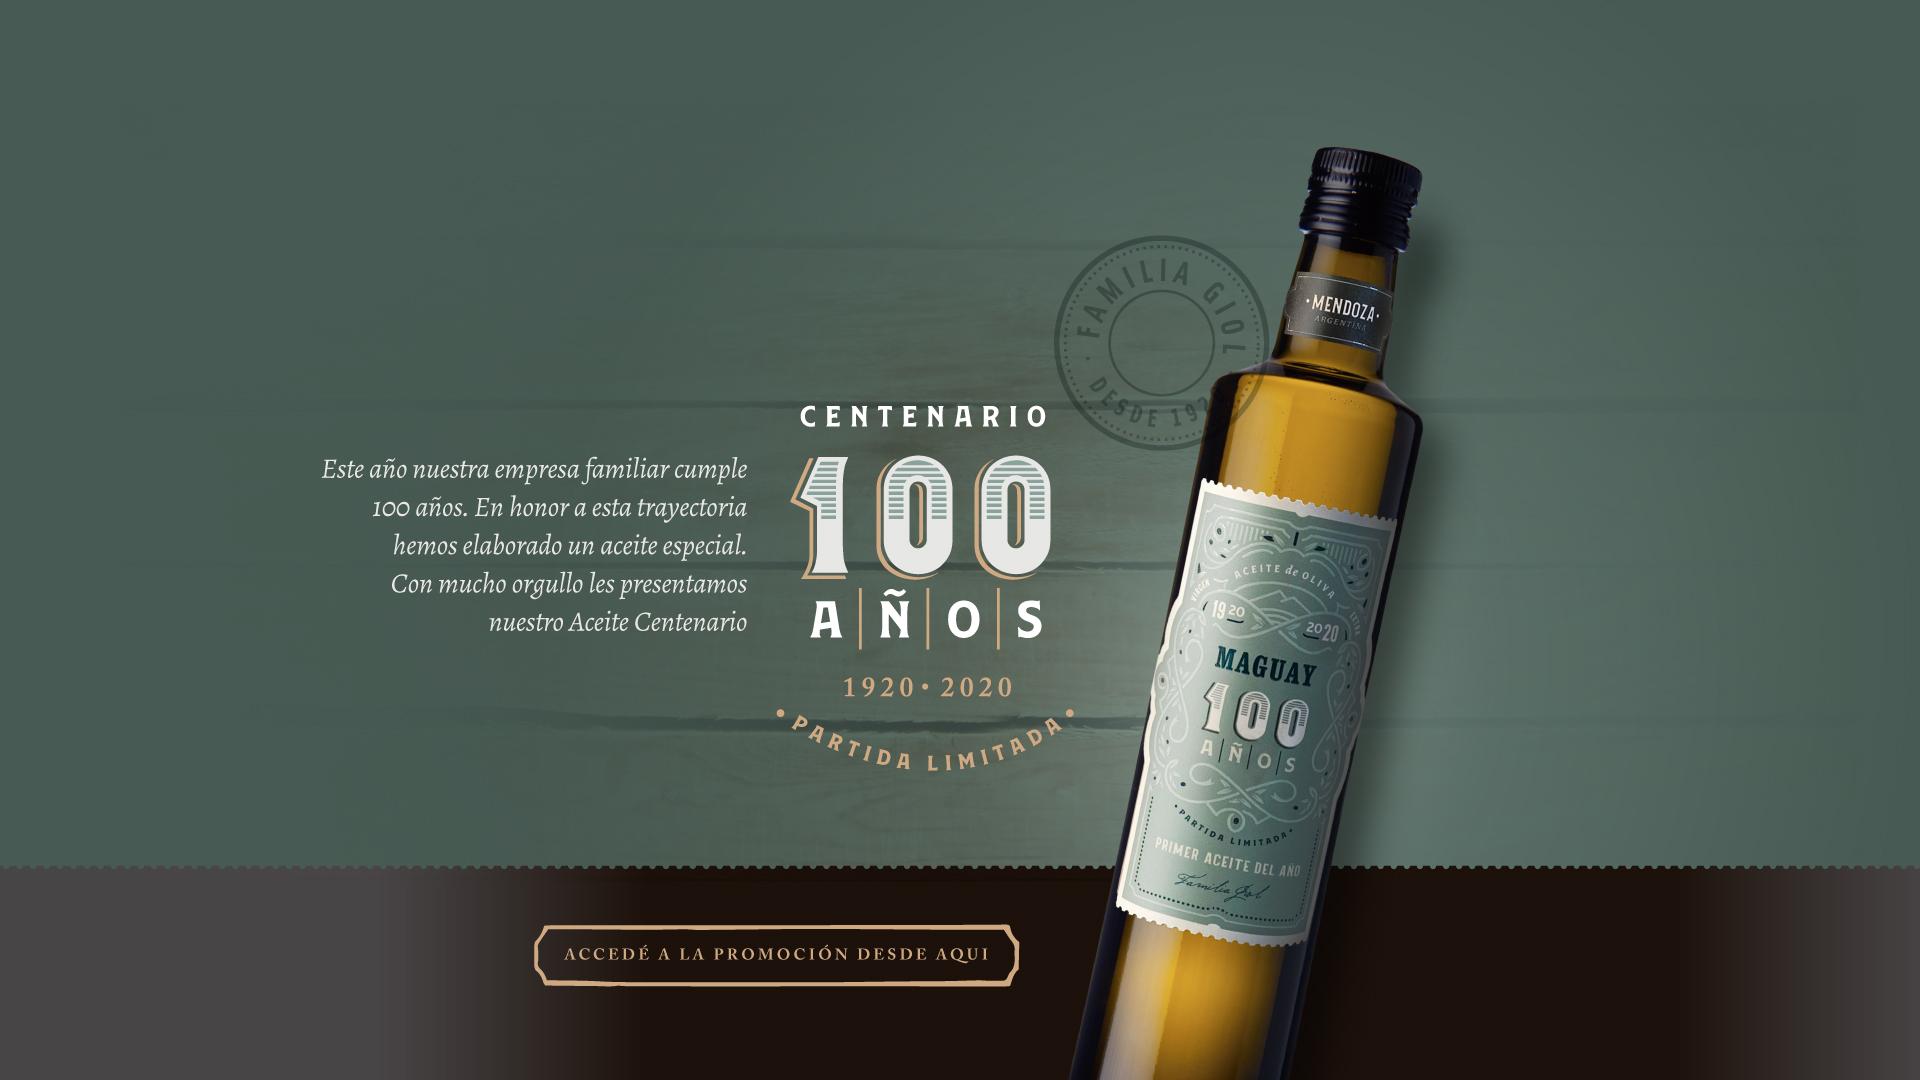 http://maguay.com.ar/es/centenario